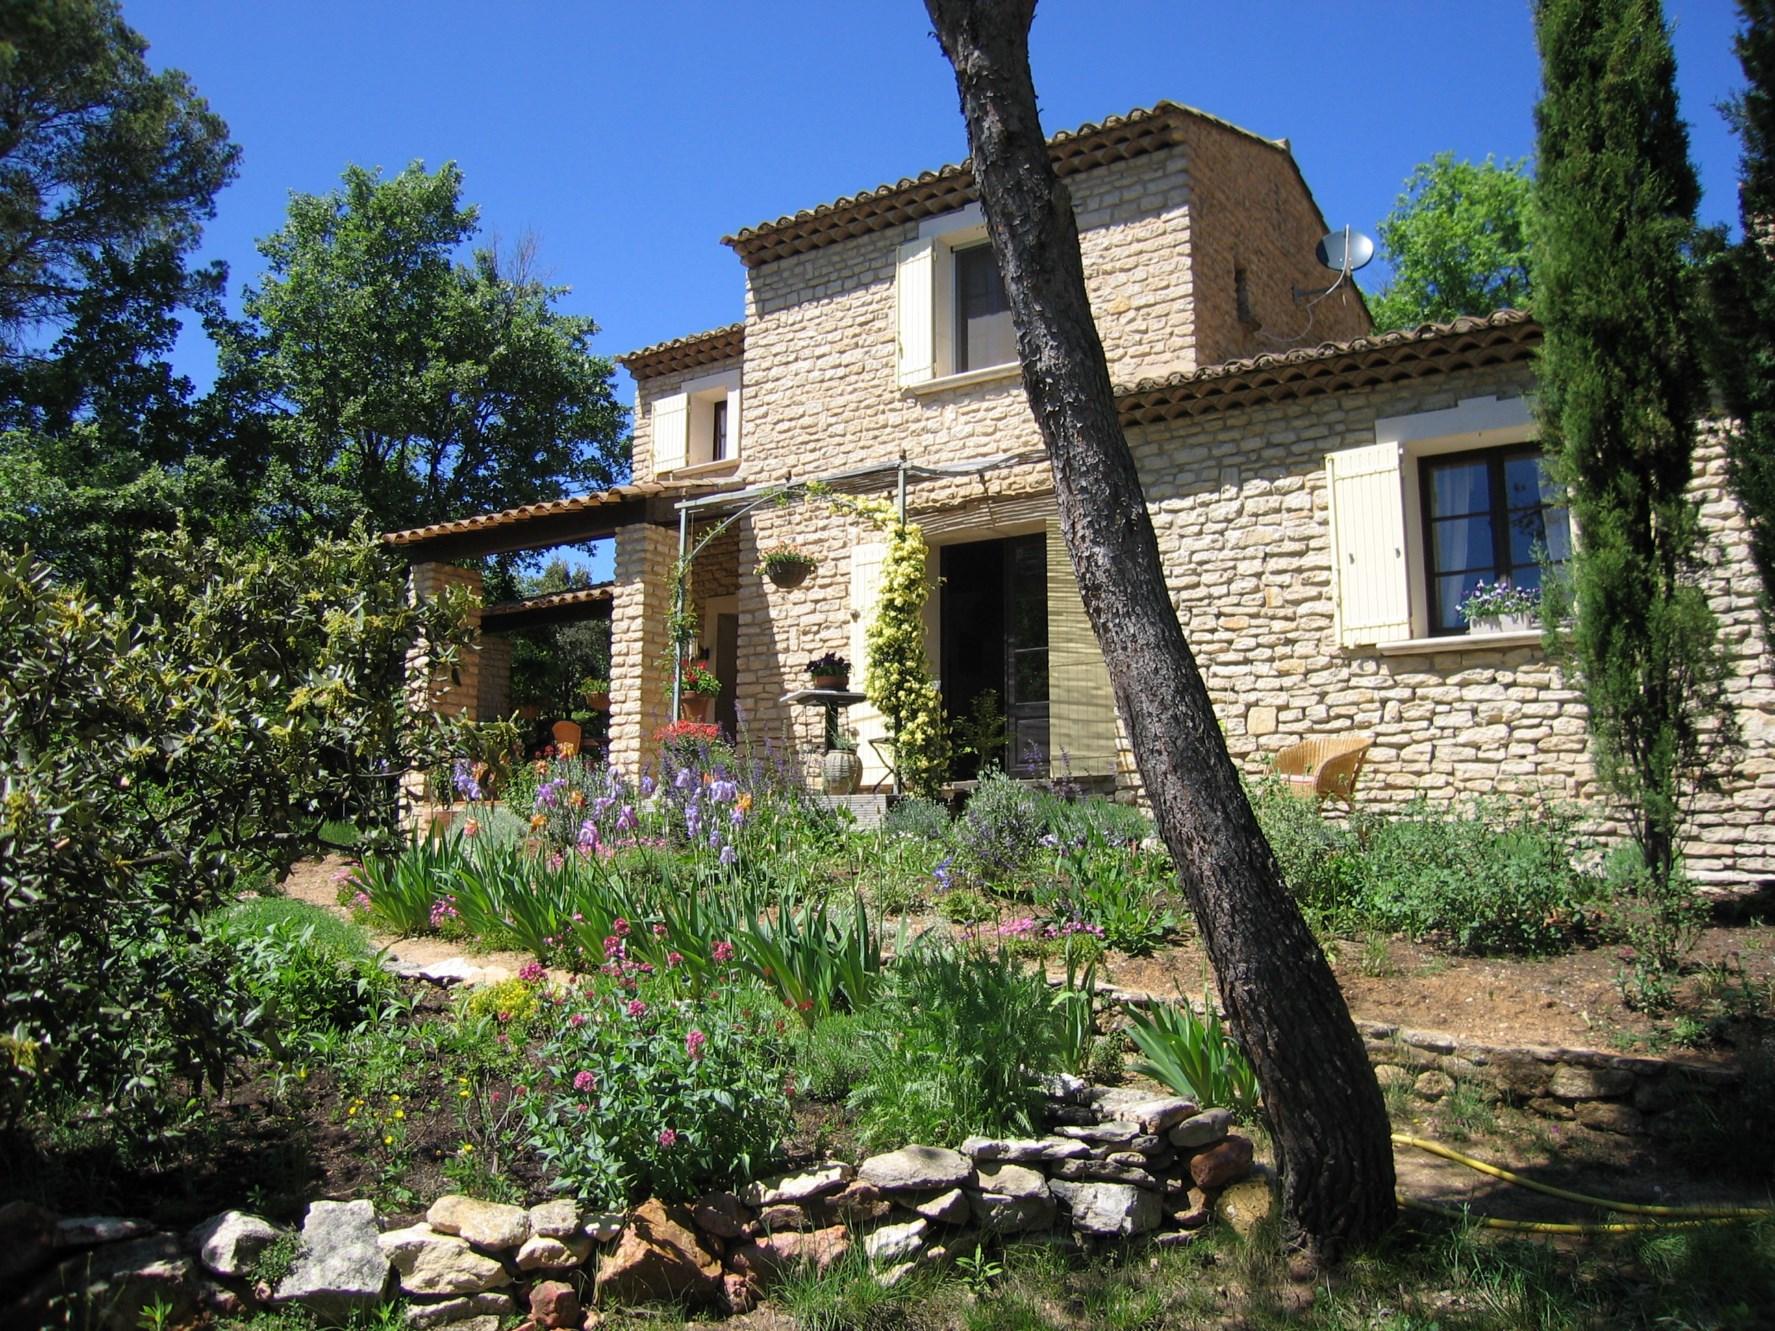 Ventes luberon en vente maison traditionnelle en pierres for Vente tuyau piscine